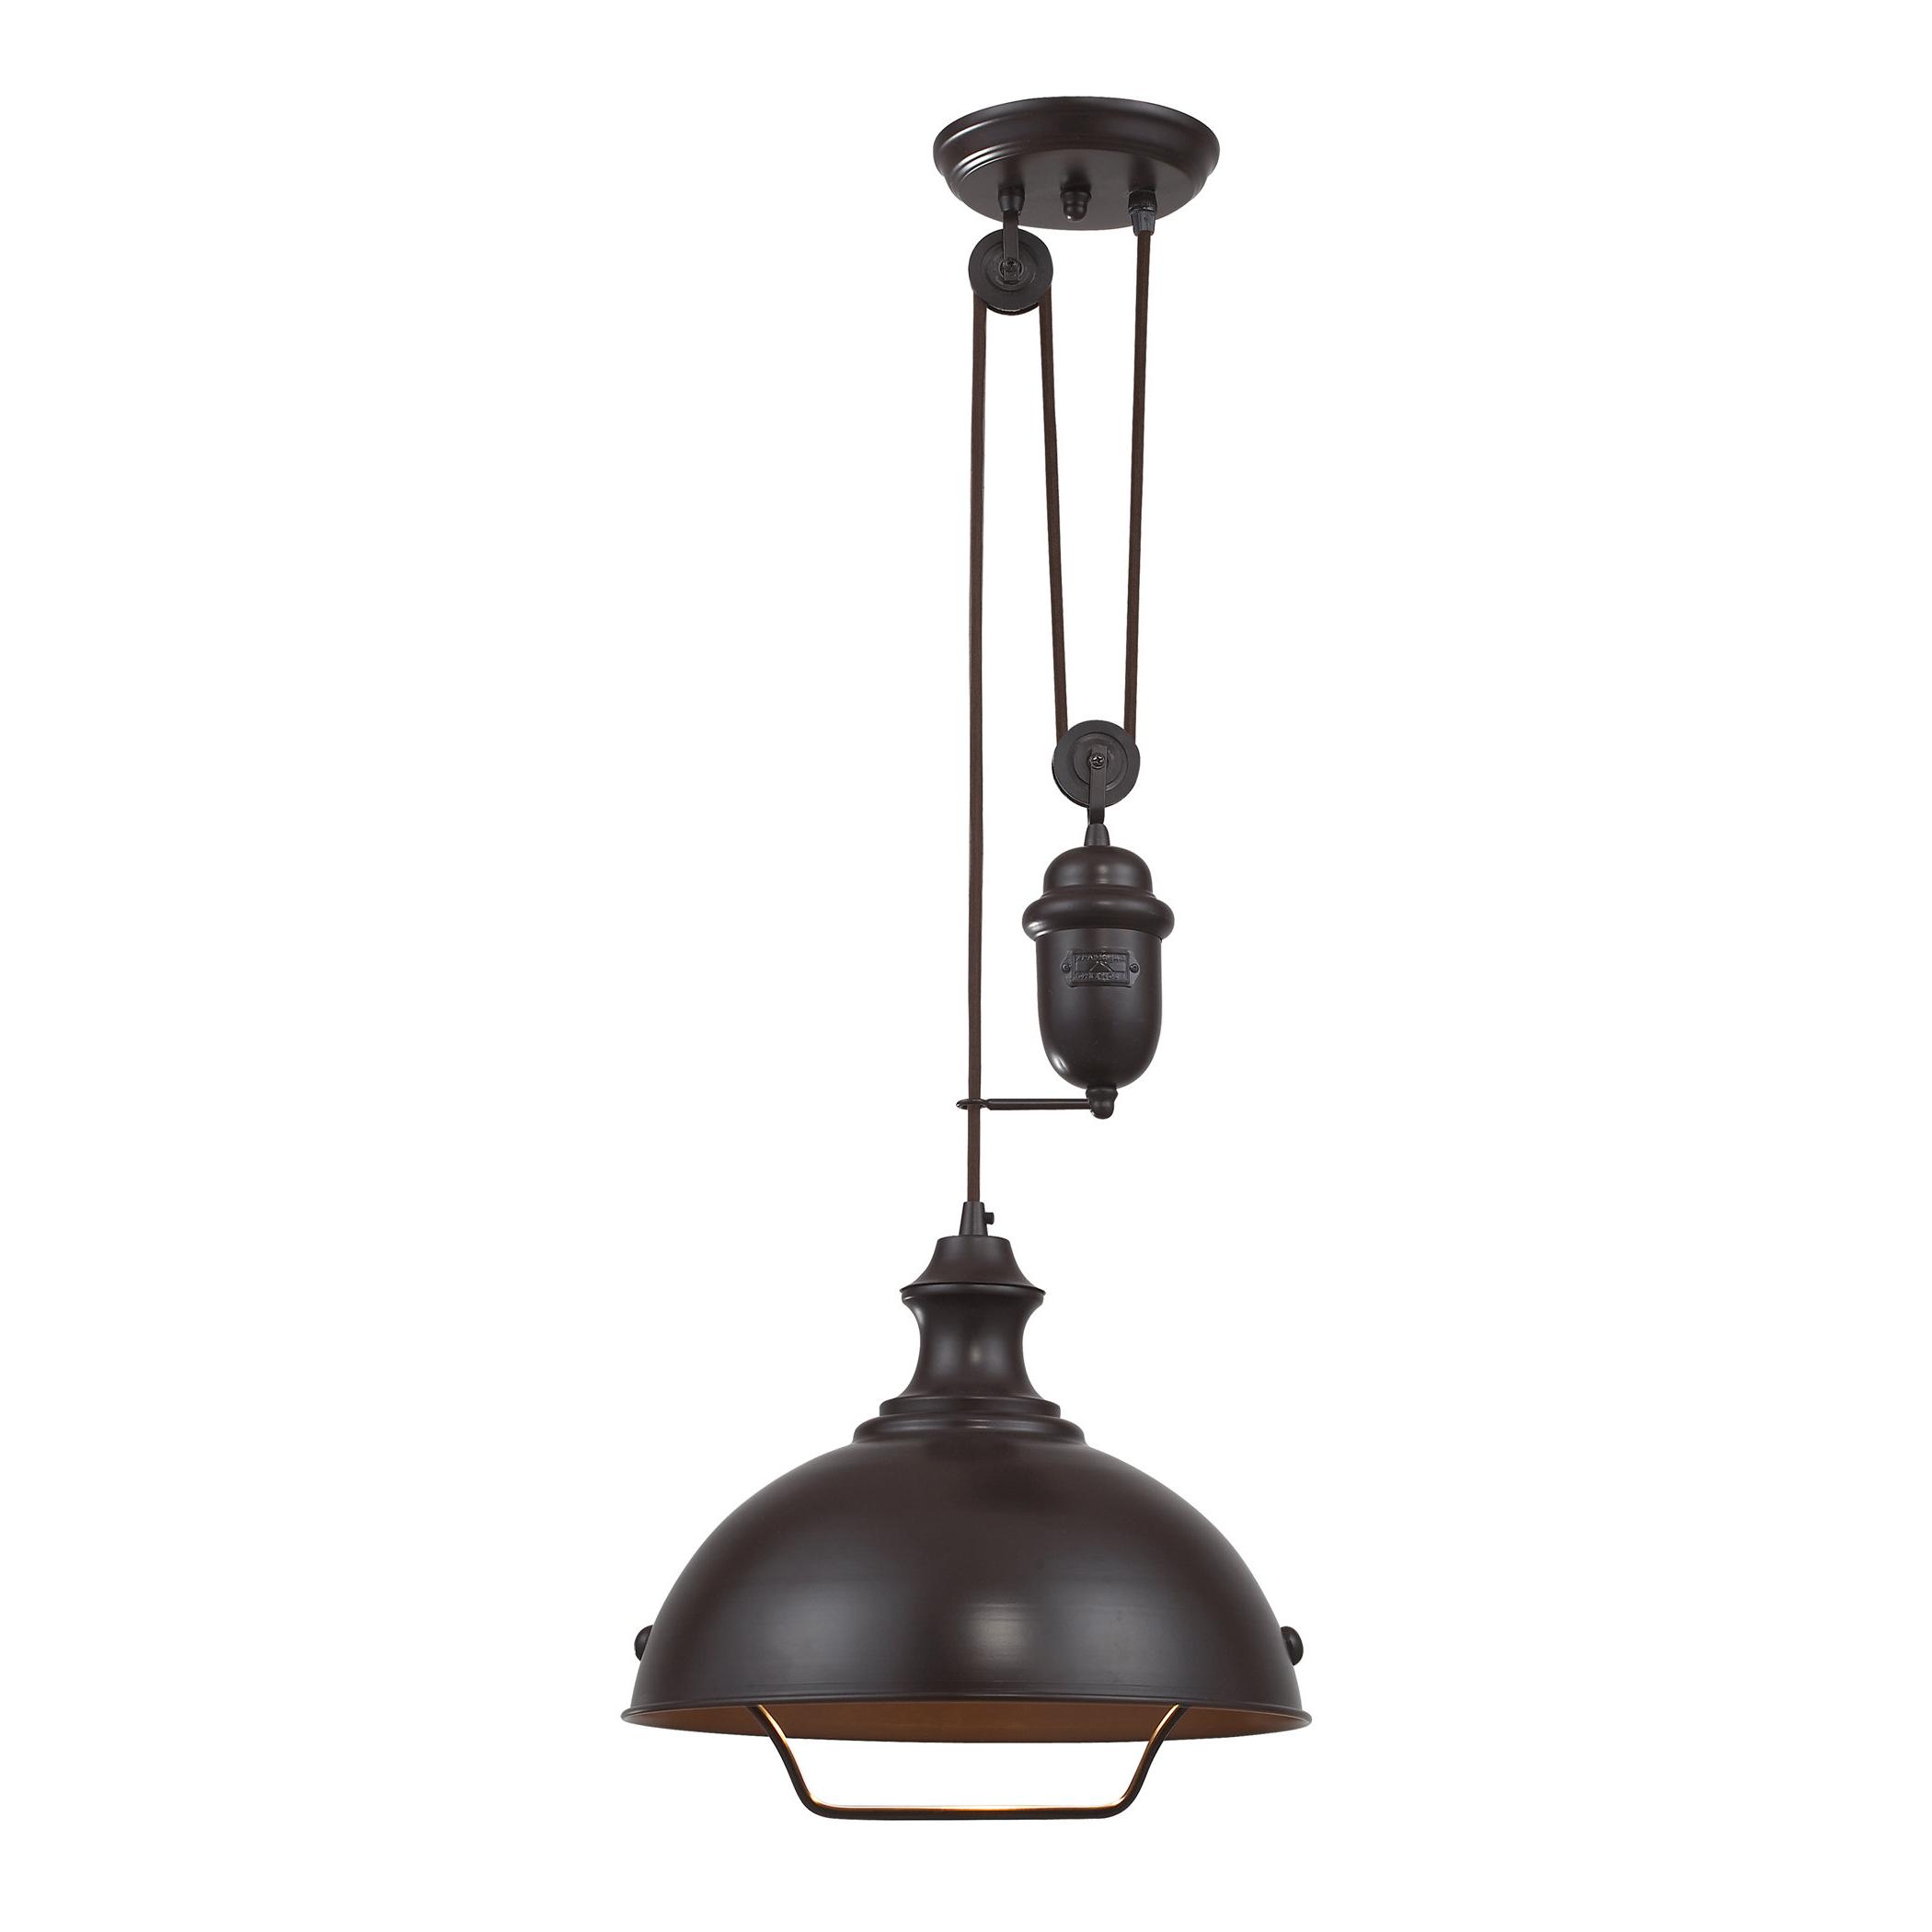 Preferred Legrand 1 Light Single Dome Pendant With Regard To Abordale 1 Light Single Dome Pendants (View 19 of 25)